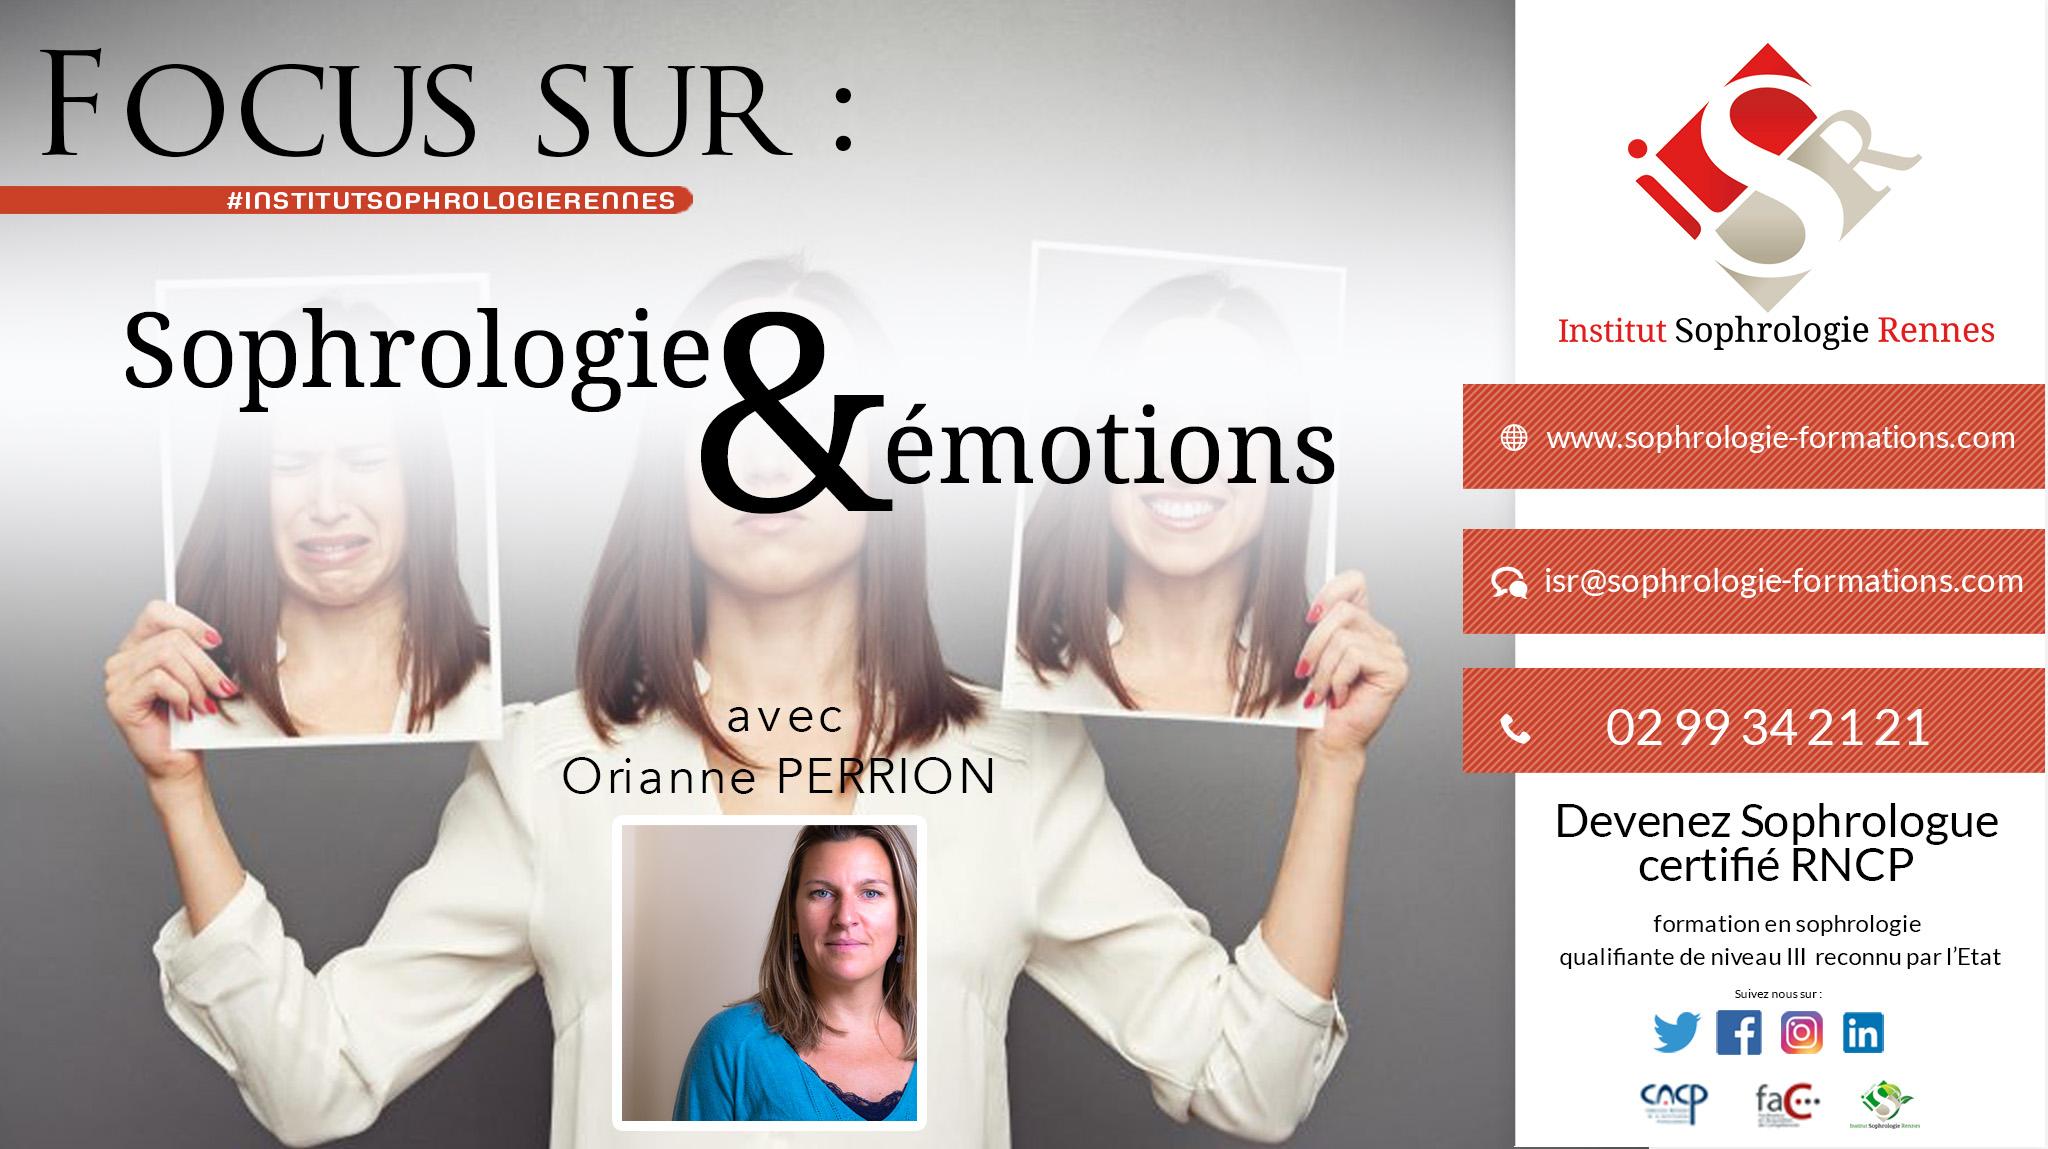 Sophrologie & Emotions - ISR